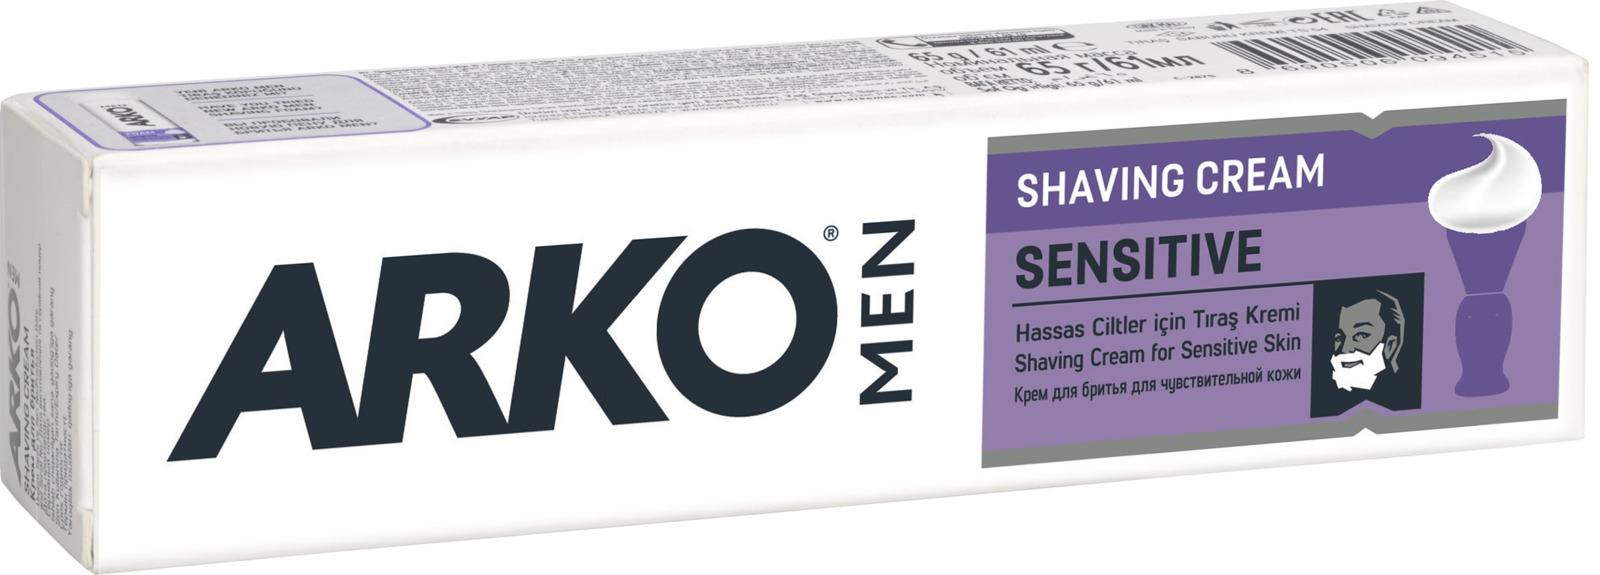 Крем для бритья Arko Extra Sensitive чувствительной кожи